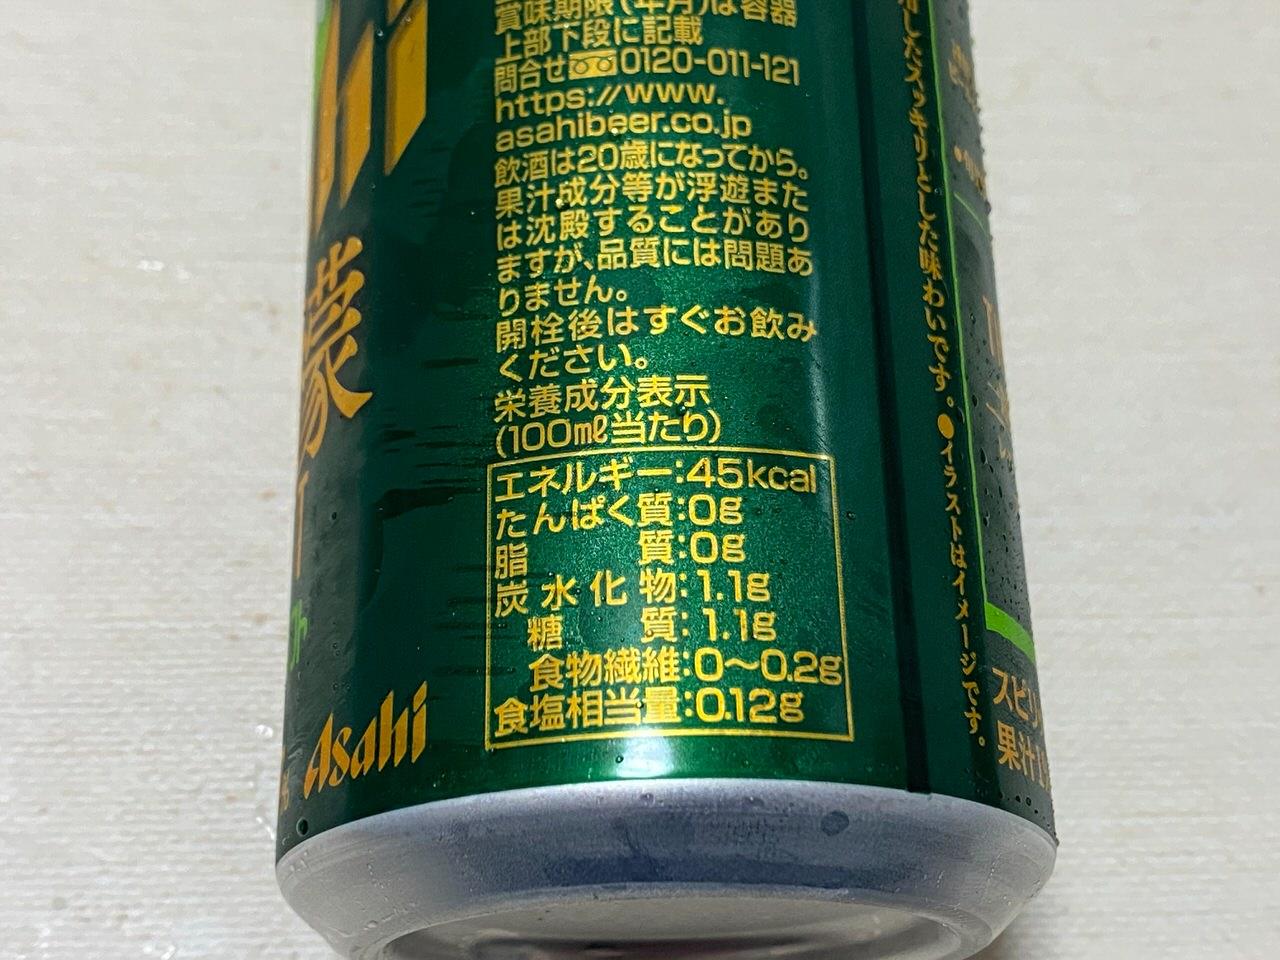 ザ・レモンクラフト グリーンレモン 2020126